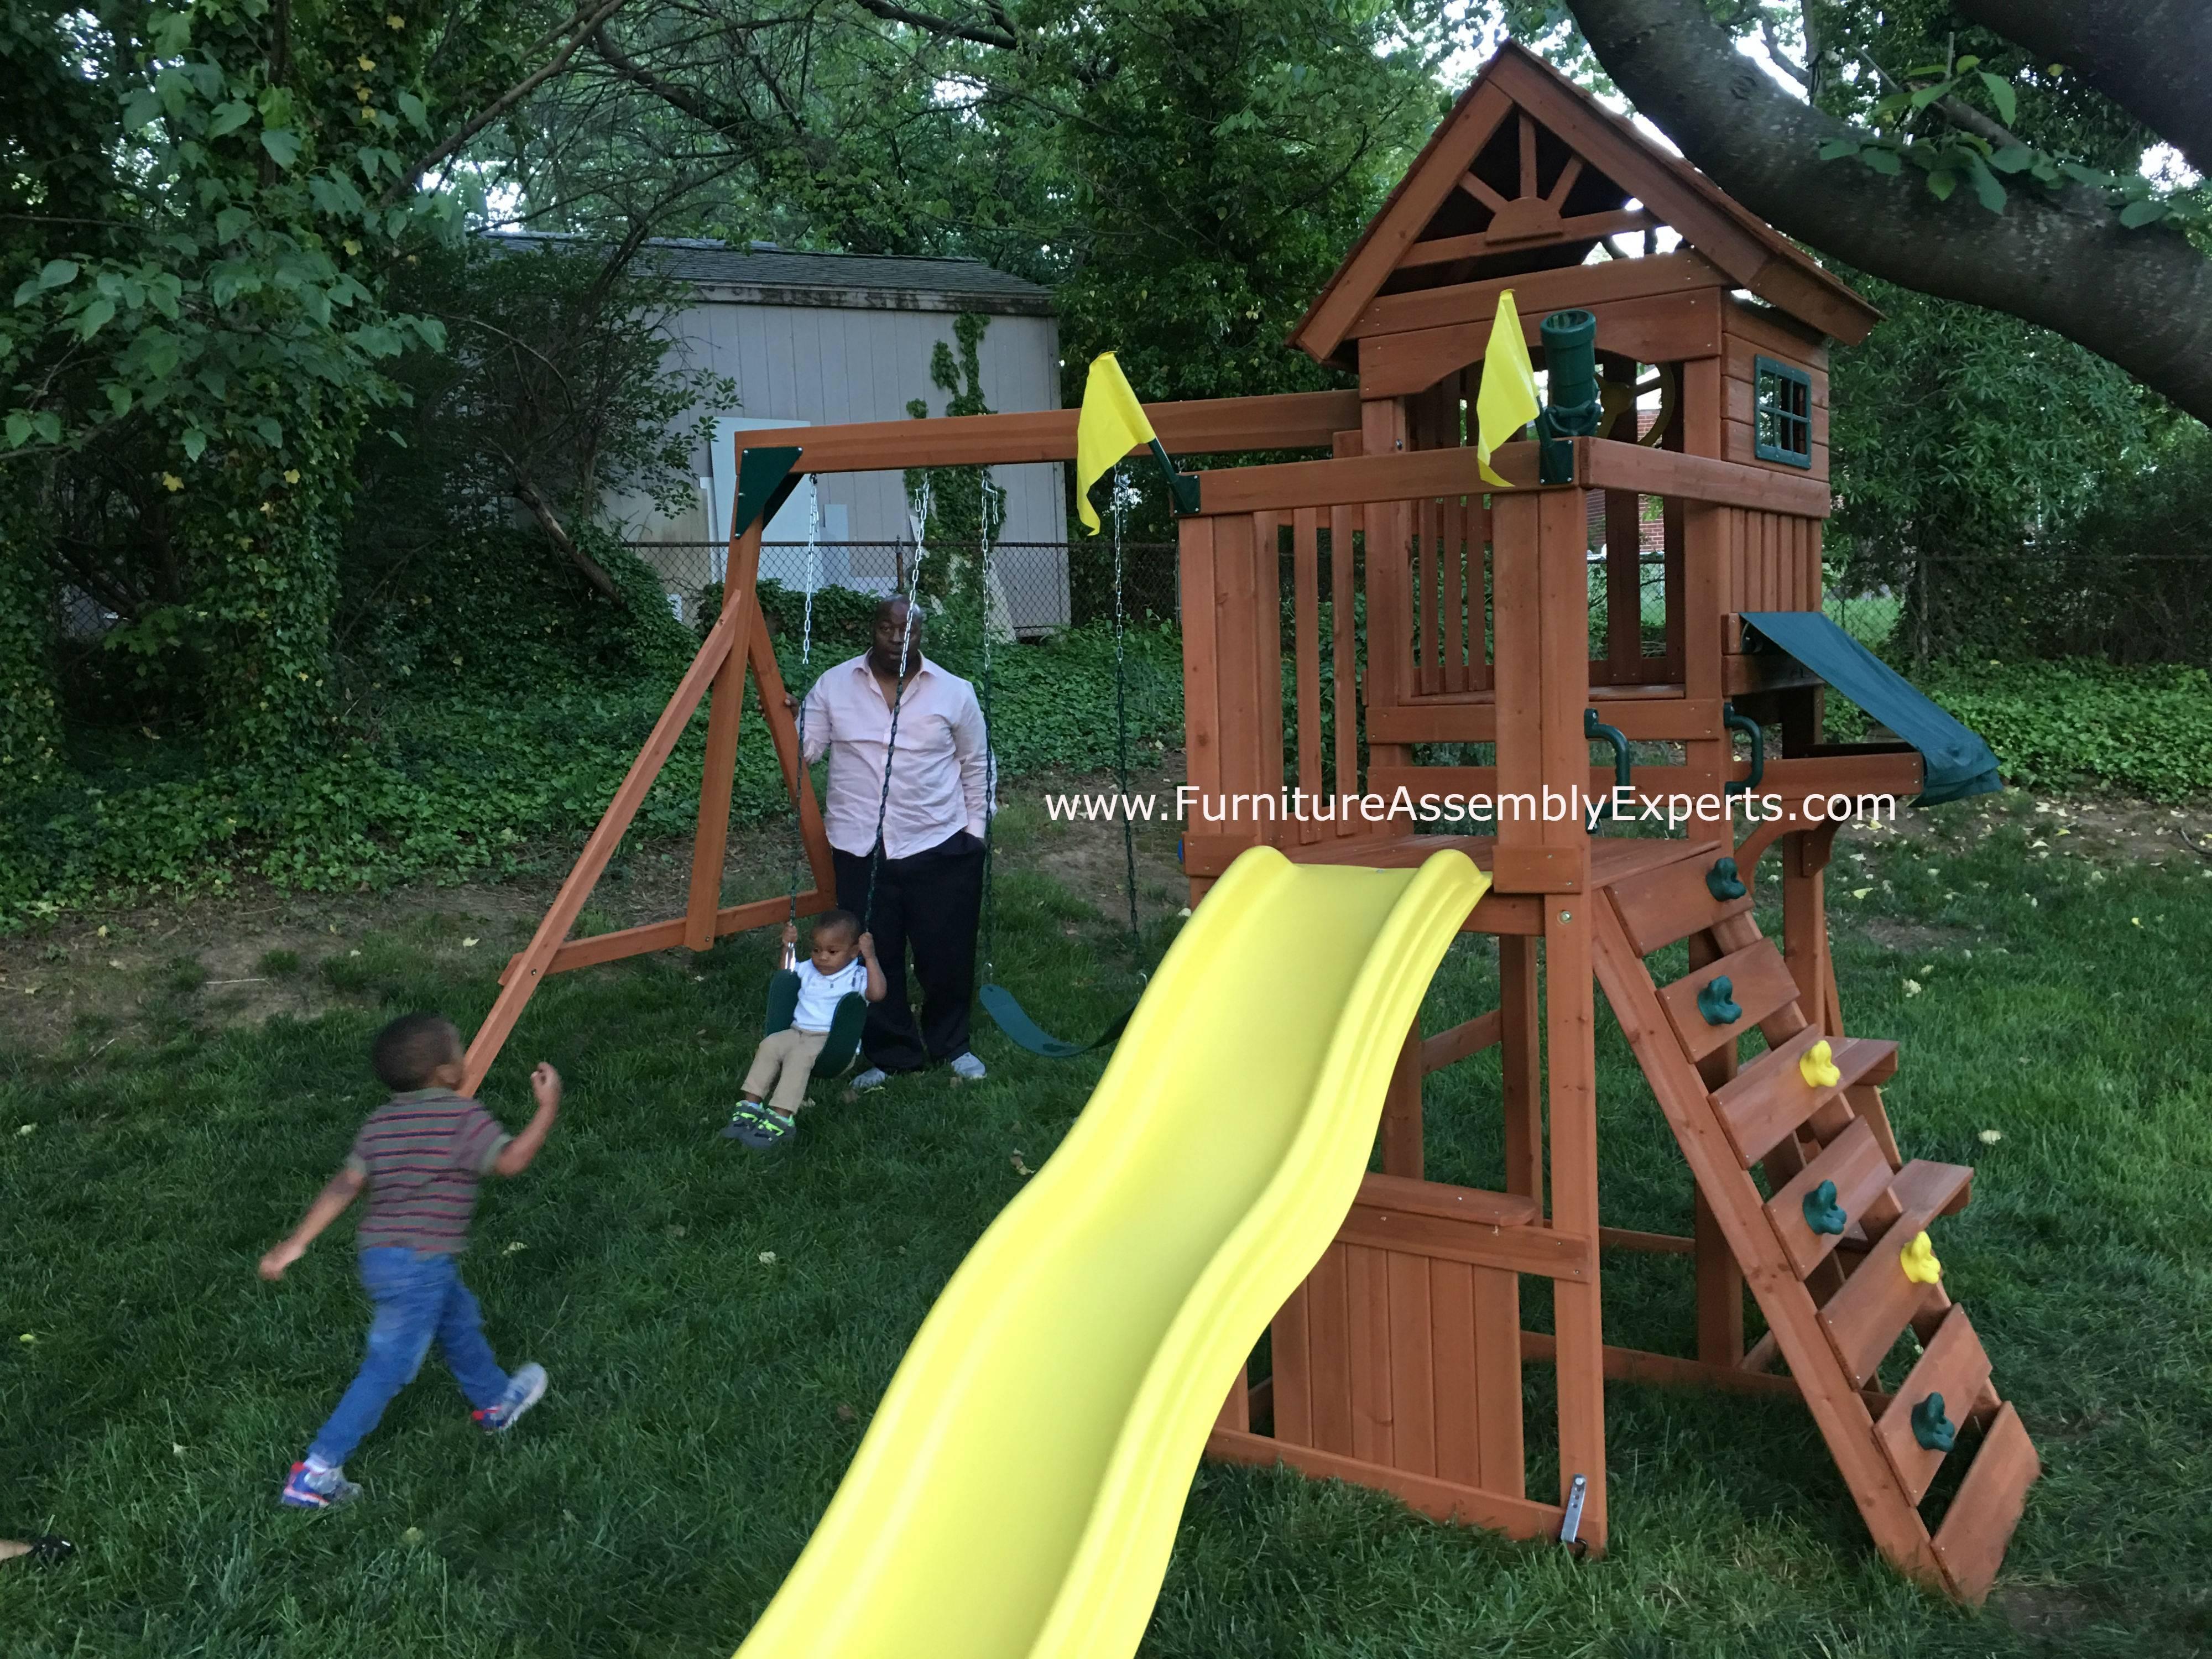 Swing n slide swing set installation in MarylandSwing n slide swing set installation in Virginia